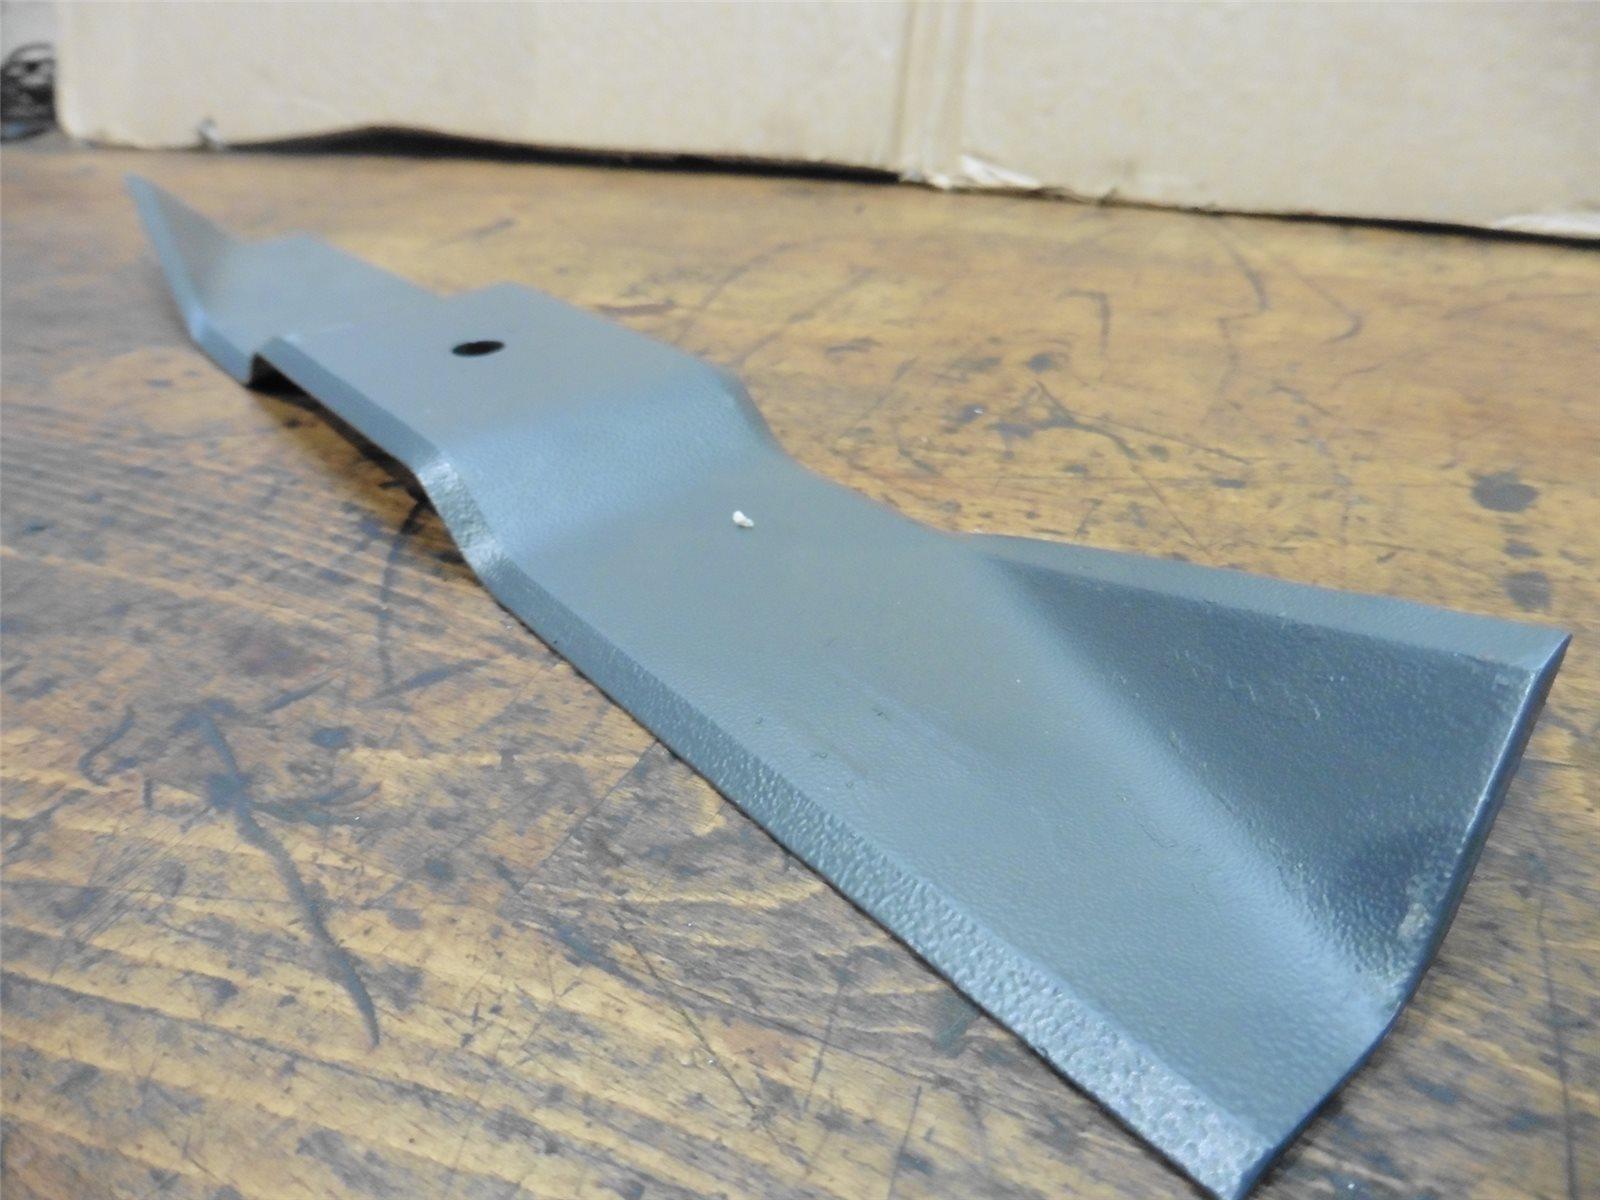 Mundial Schneiderschere 23 cm Metallgriffe Nähschere 490-9NP